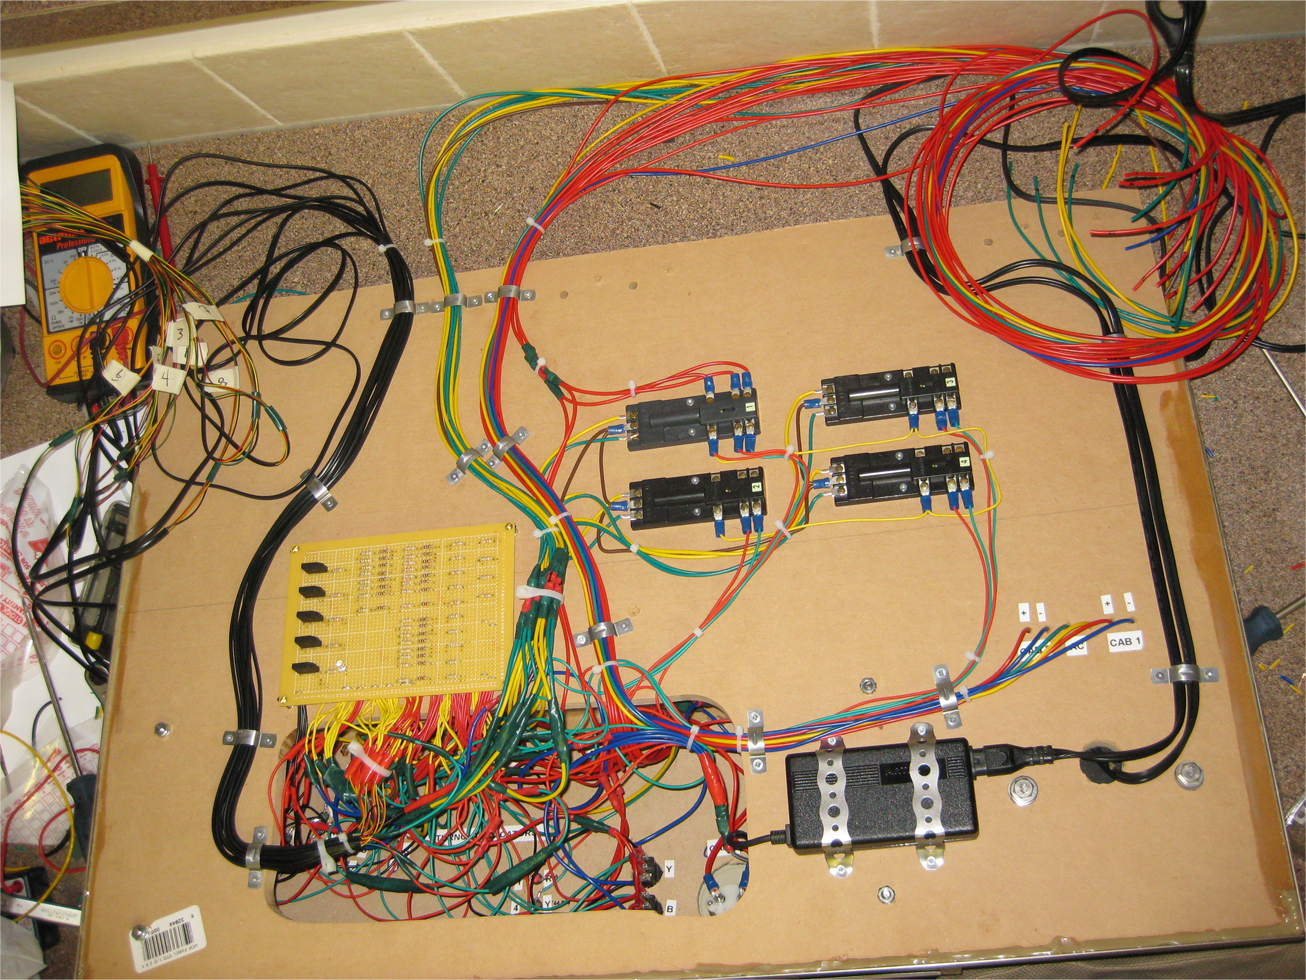 medium resolution of ho model train block wiring http tysmodelrailroad blogspot com 2011